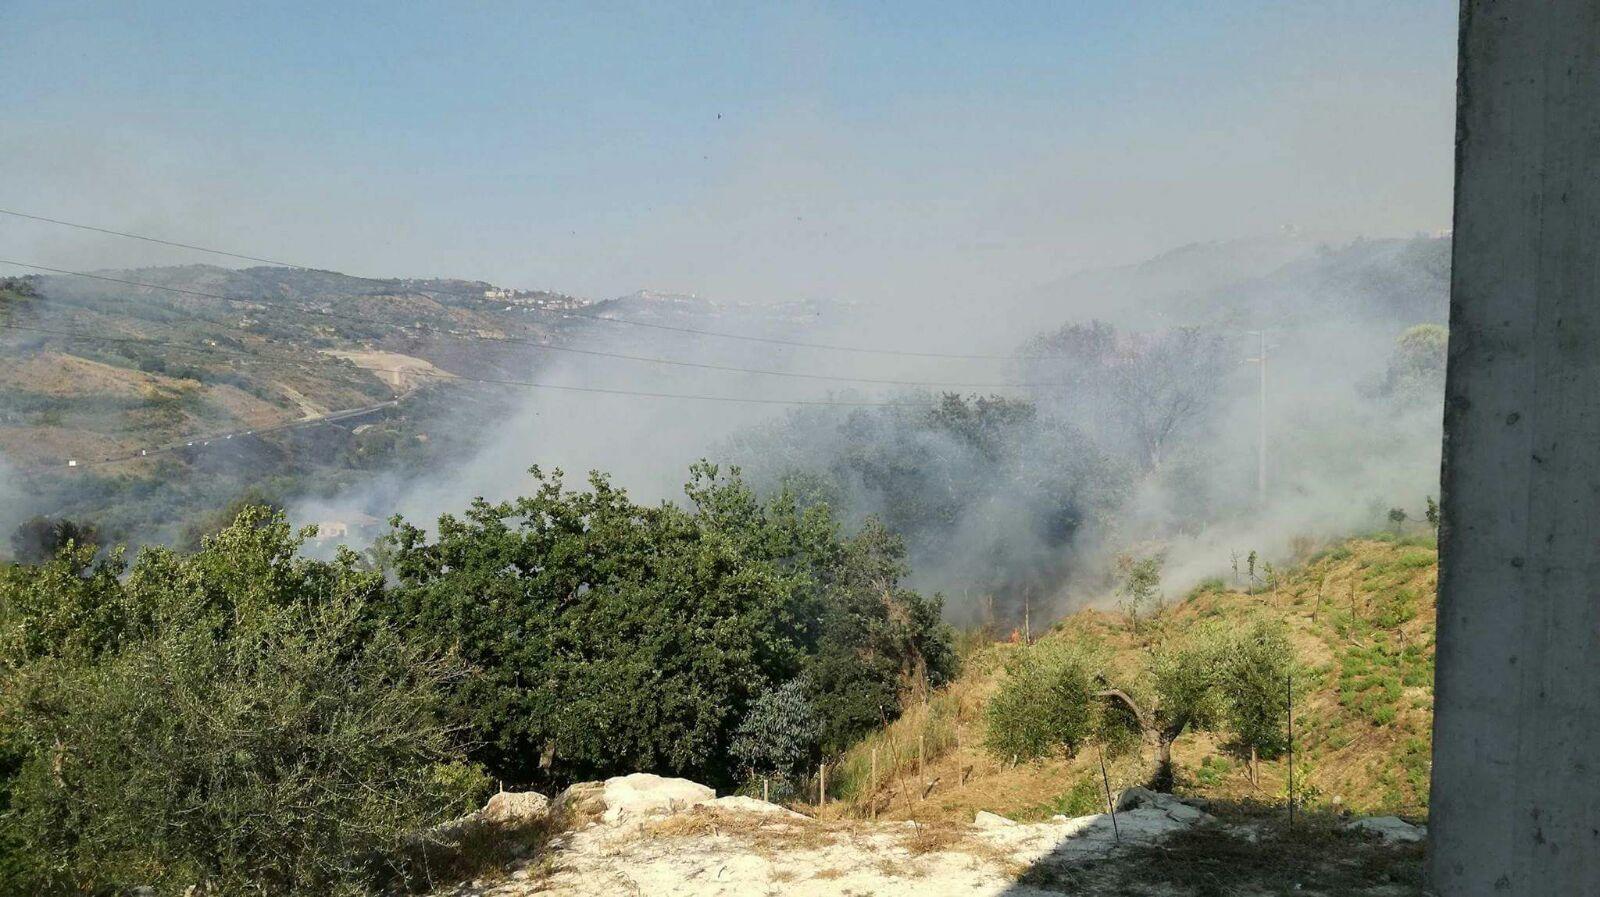 Emergenza incendi, bloccata la linea ferroviaria da Battipaglia a Sapri